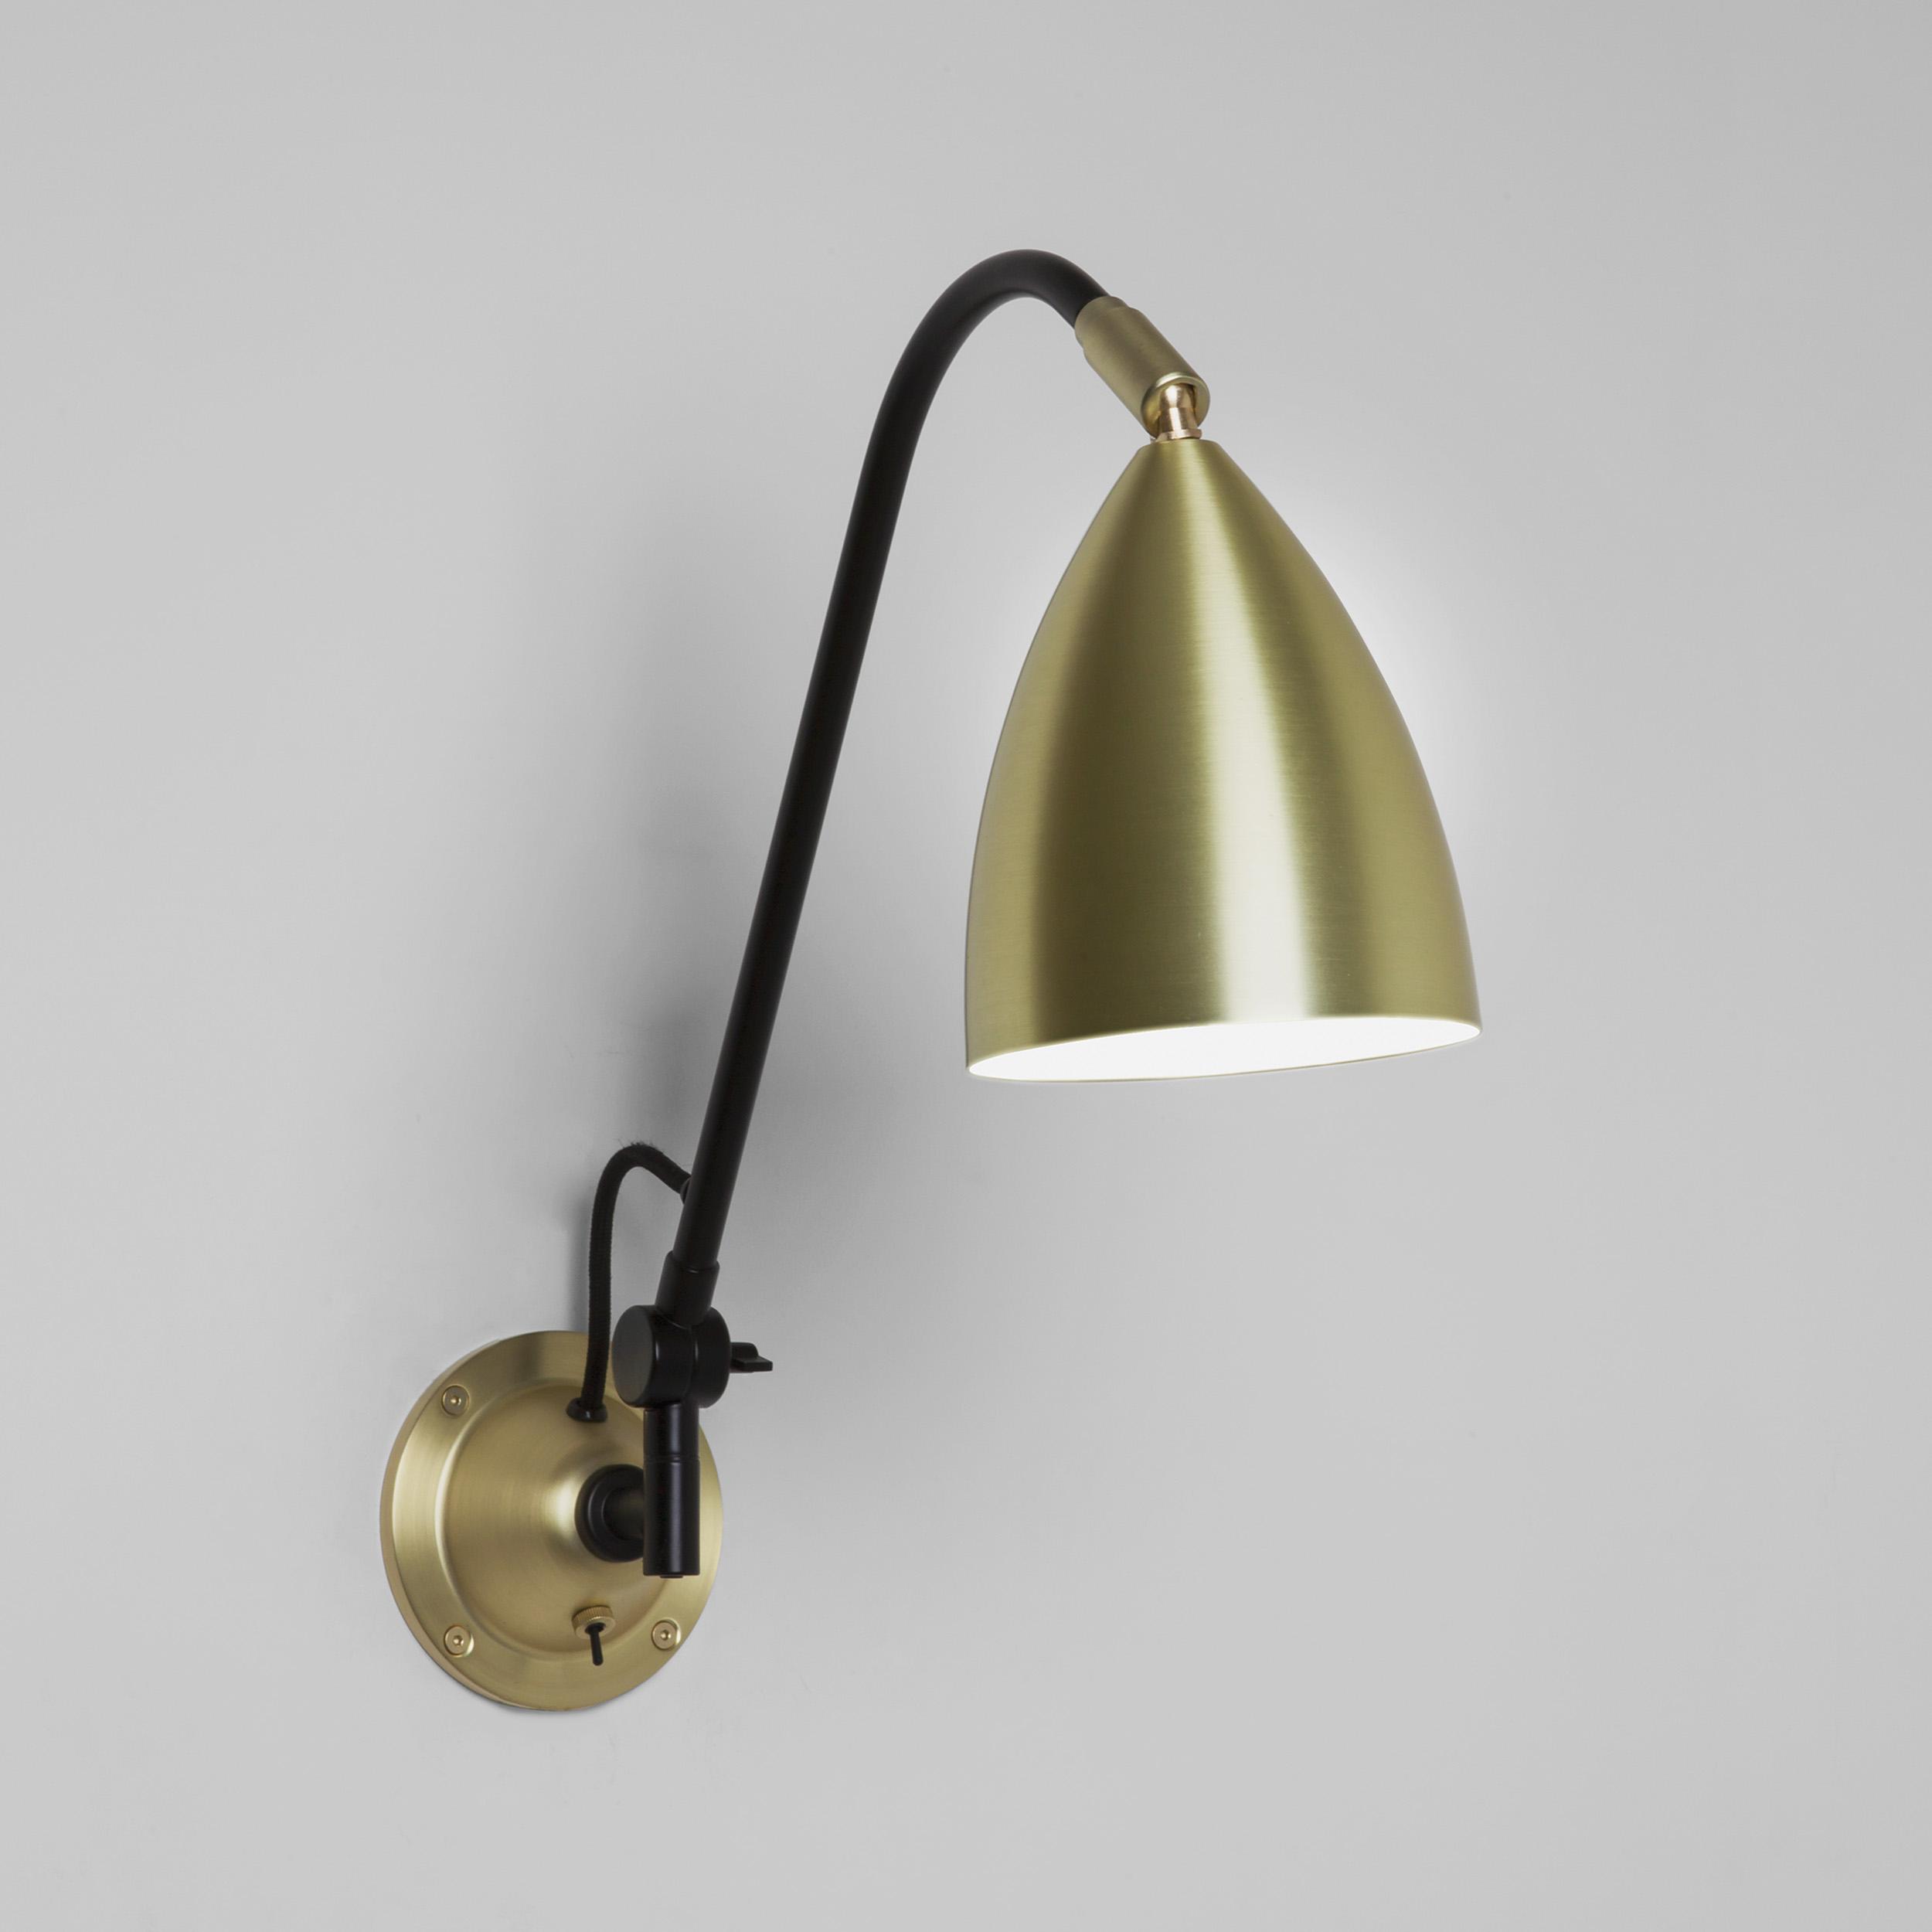 Настенный светильник Astro Joel 1223026 (7615), 1xE27x42W, матовое золото, черный, металл - фото 1